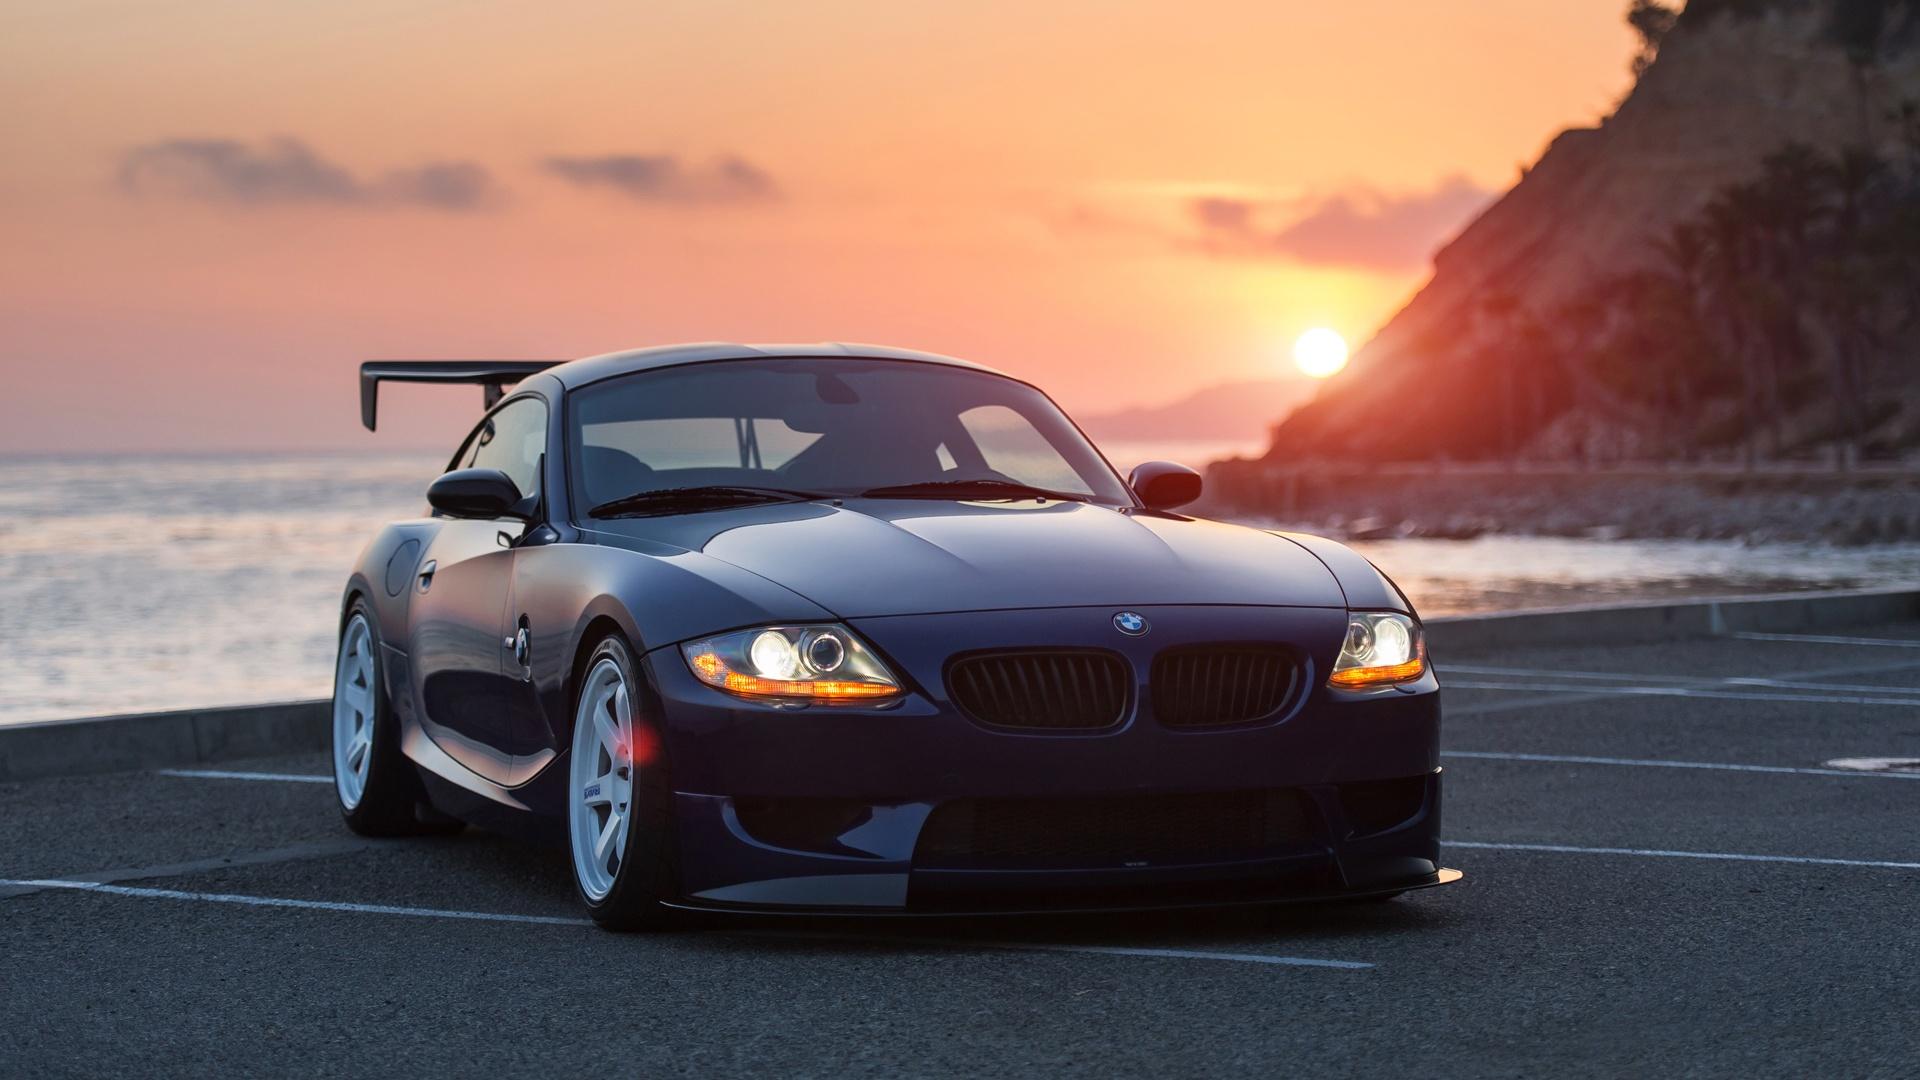 ダウンロード壁紙 1920x1080 日没BMW Z4黒い車 フルHD HDのデスクトップの背景